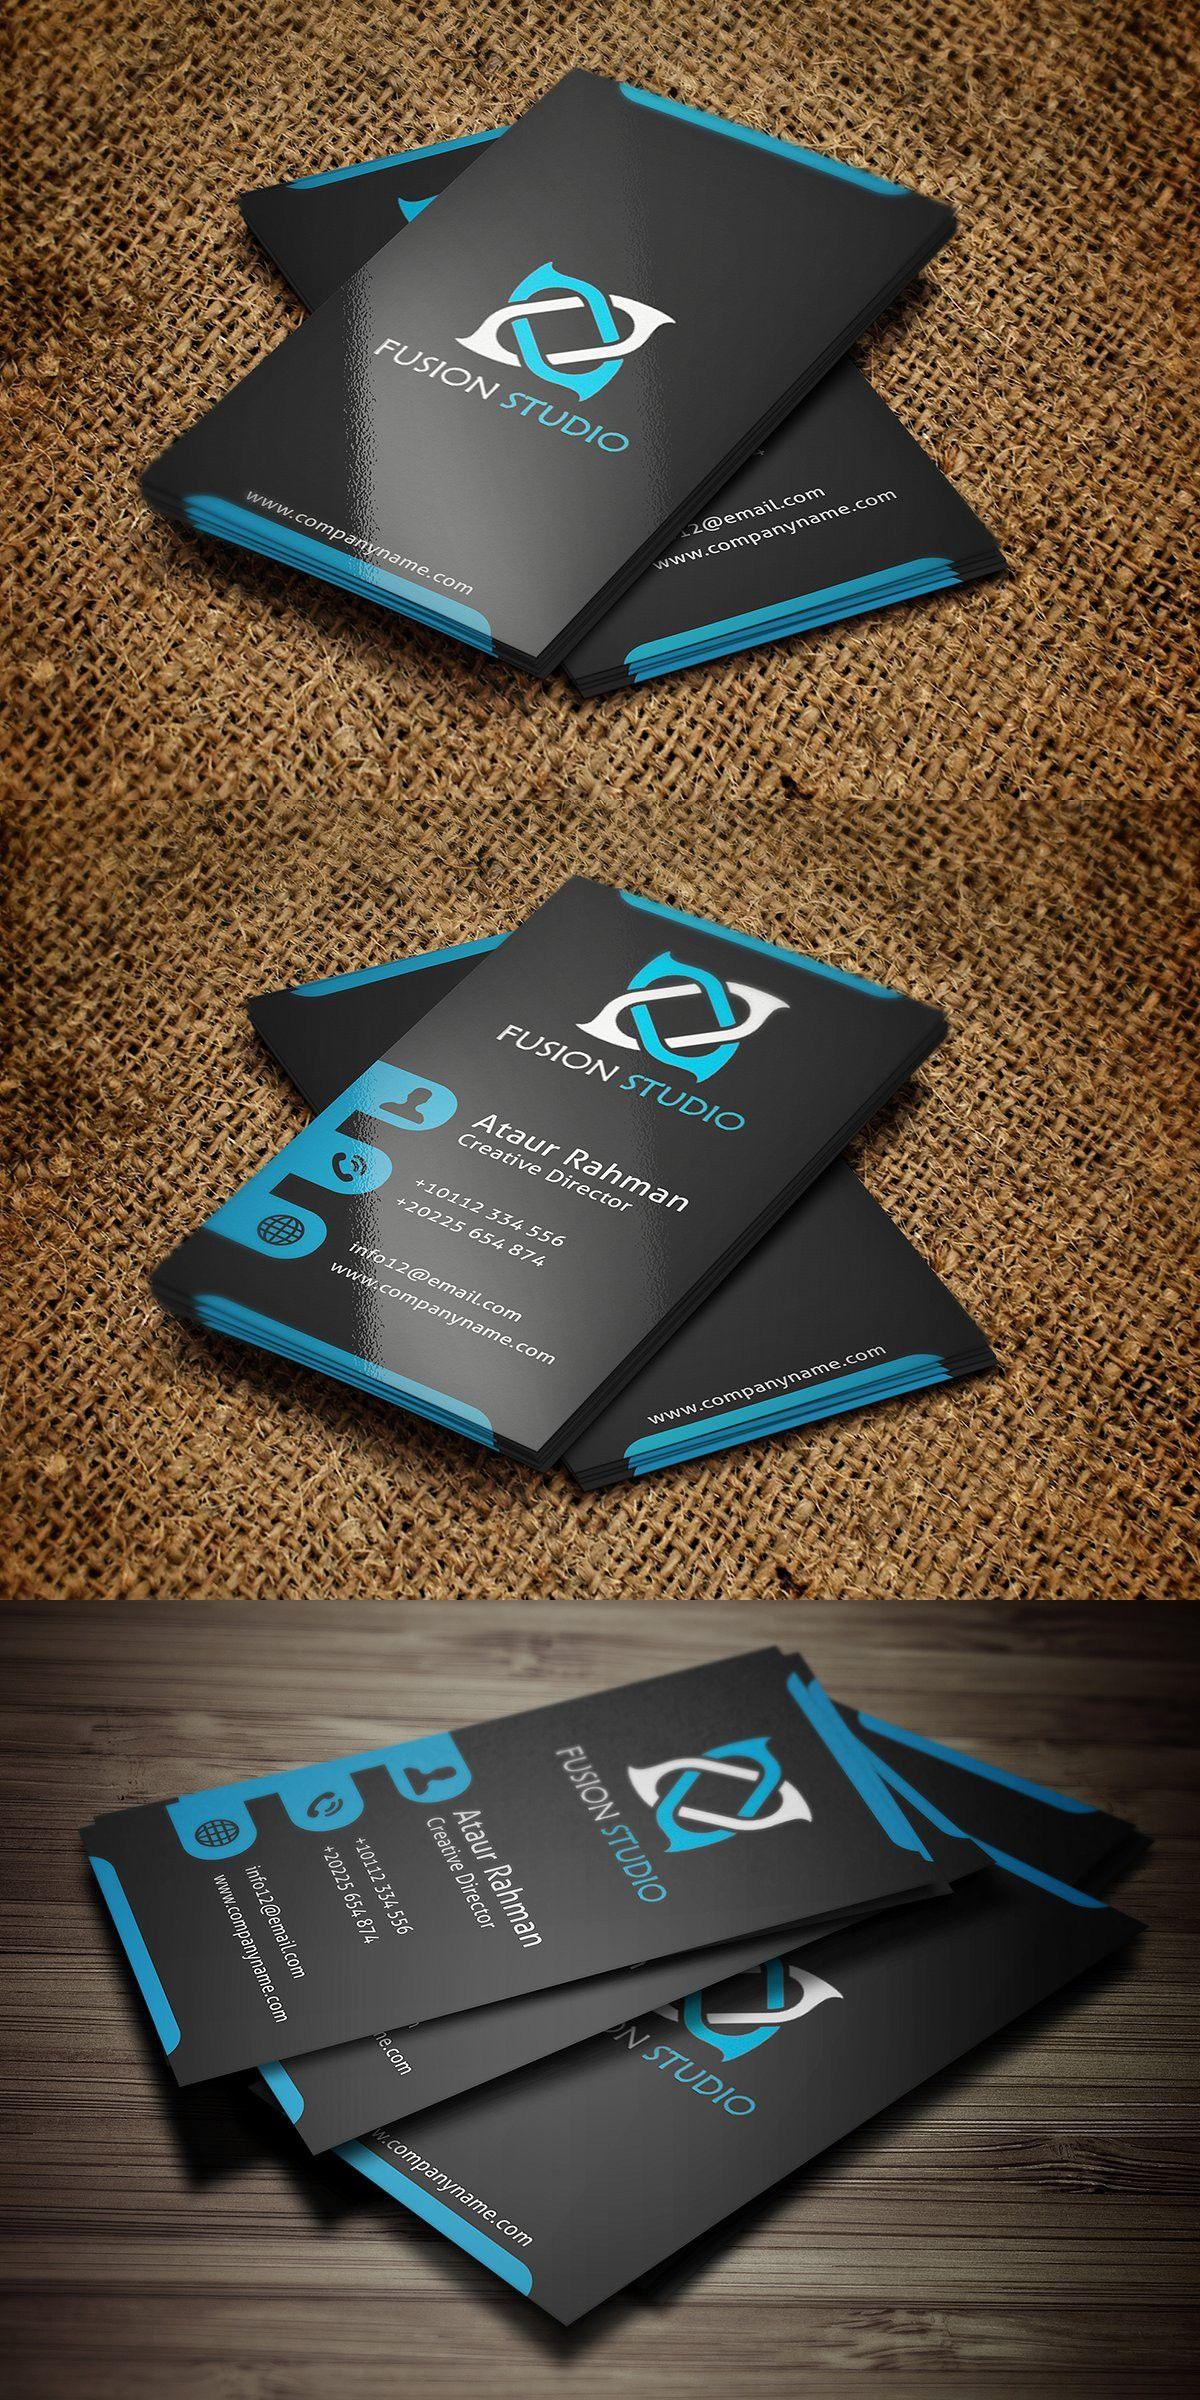 Business Card Elegant Business Cards Design Business Card Design Creative Graphic Design Business Card